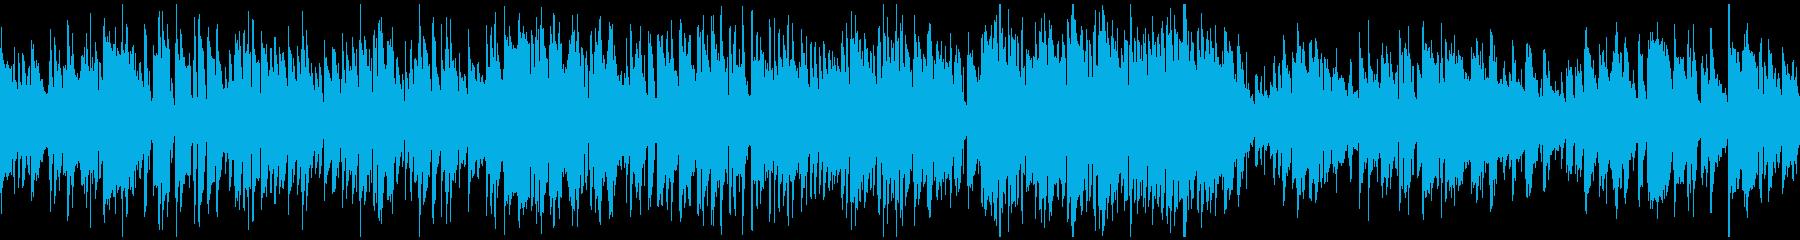 明るいボサノバ、爽やかサックス※ループ版の再生済みの波形